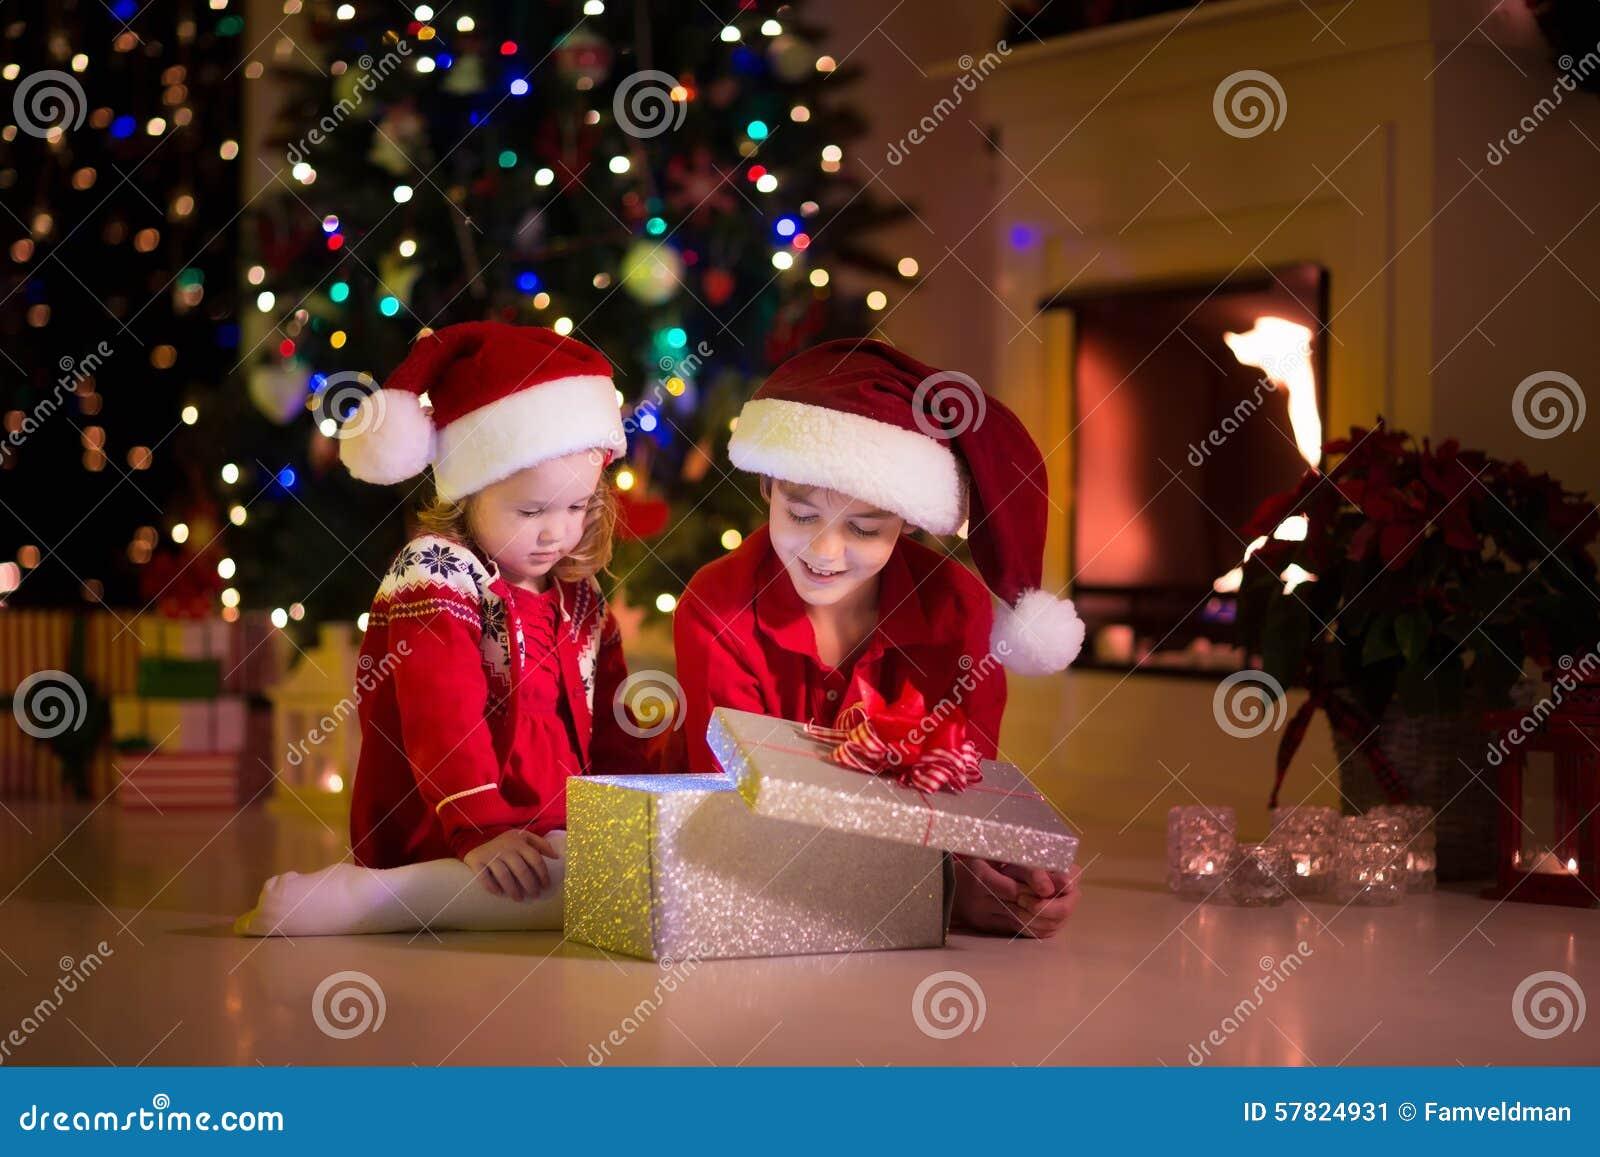 Weihnachtsgeschenke Für Familie.Kinder Die Weihnachtsgeschenke Am Kamin öffnen Stockbild Bild Von